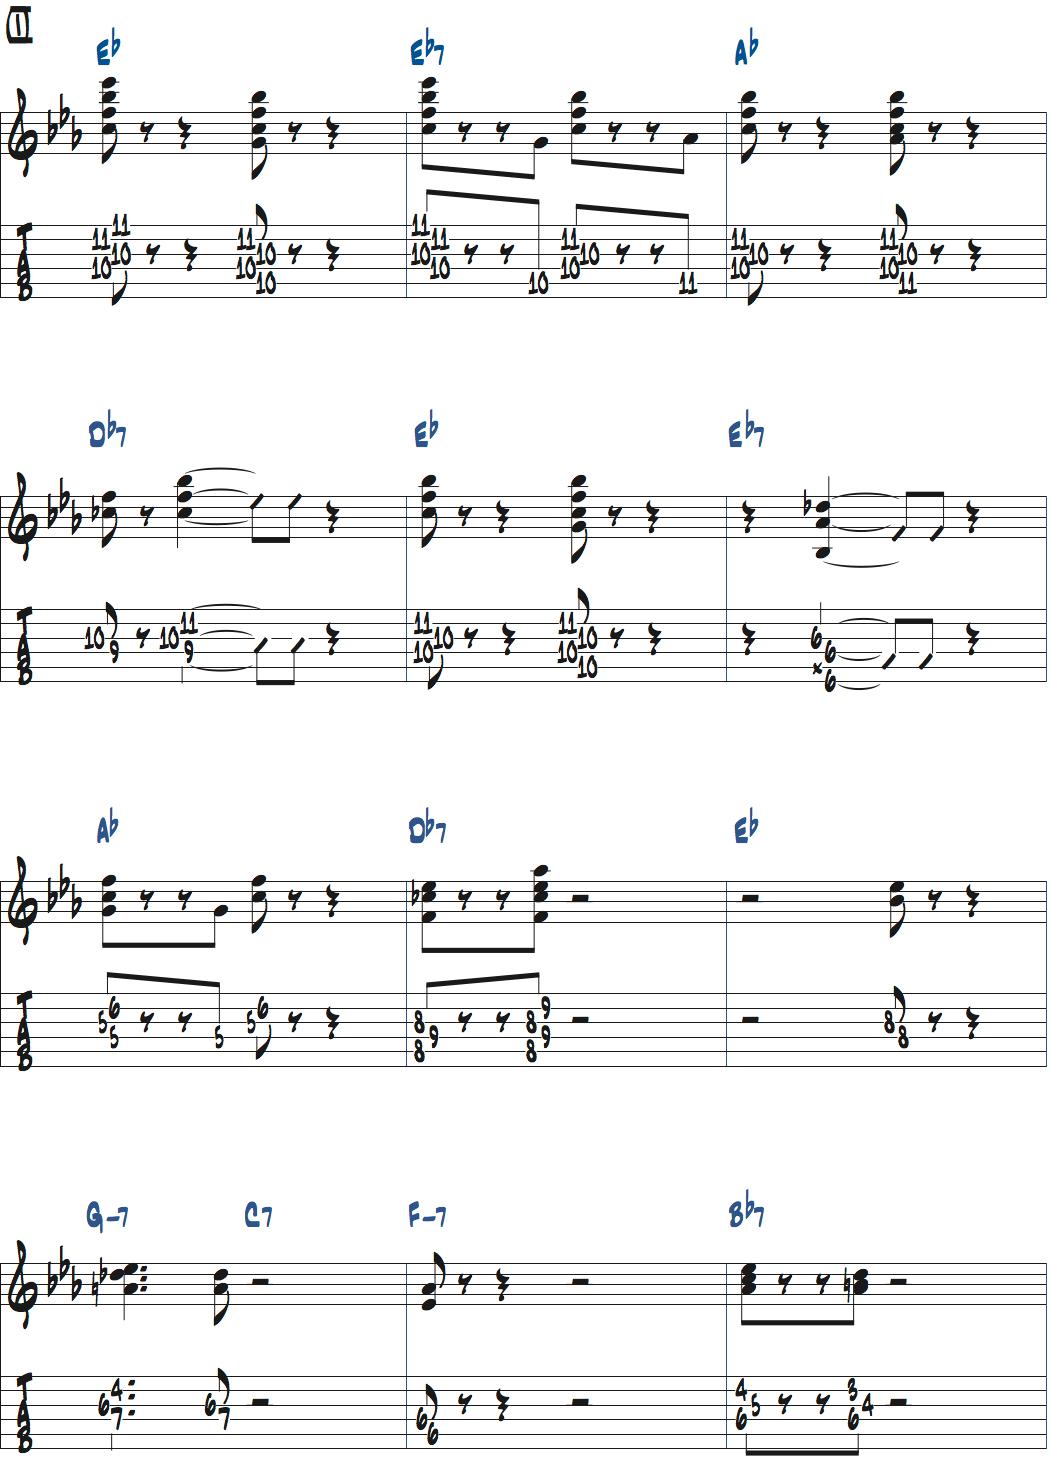 ジムホールのWithout a Songサックスのコンピング2コーラス目楽譜ページ1